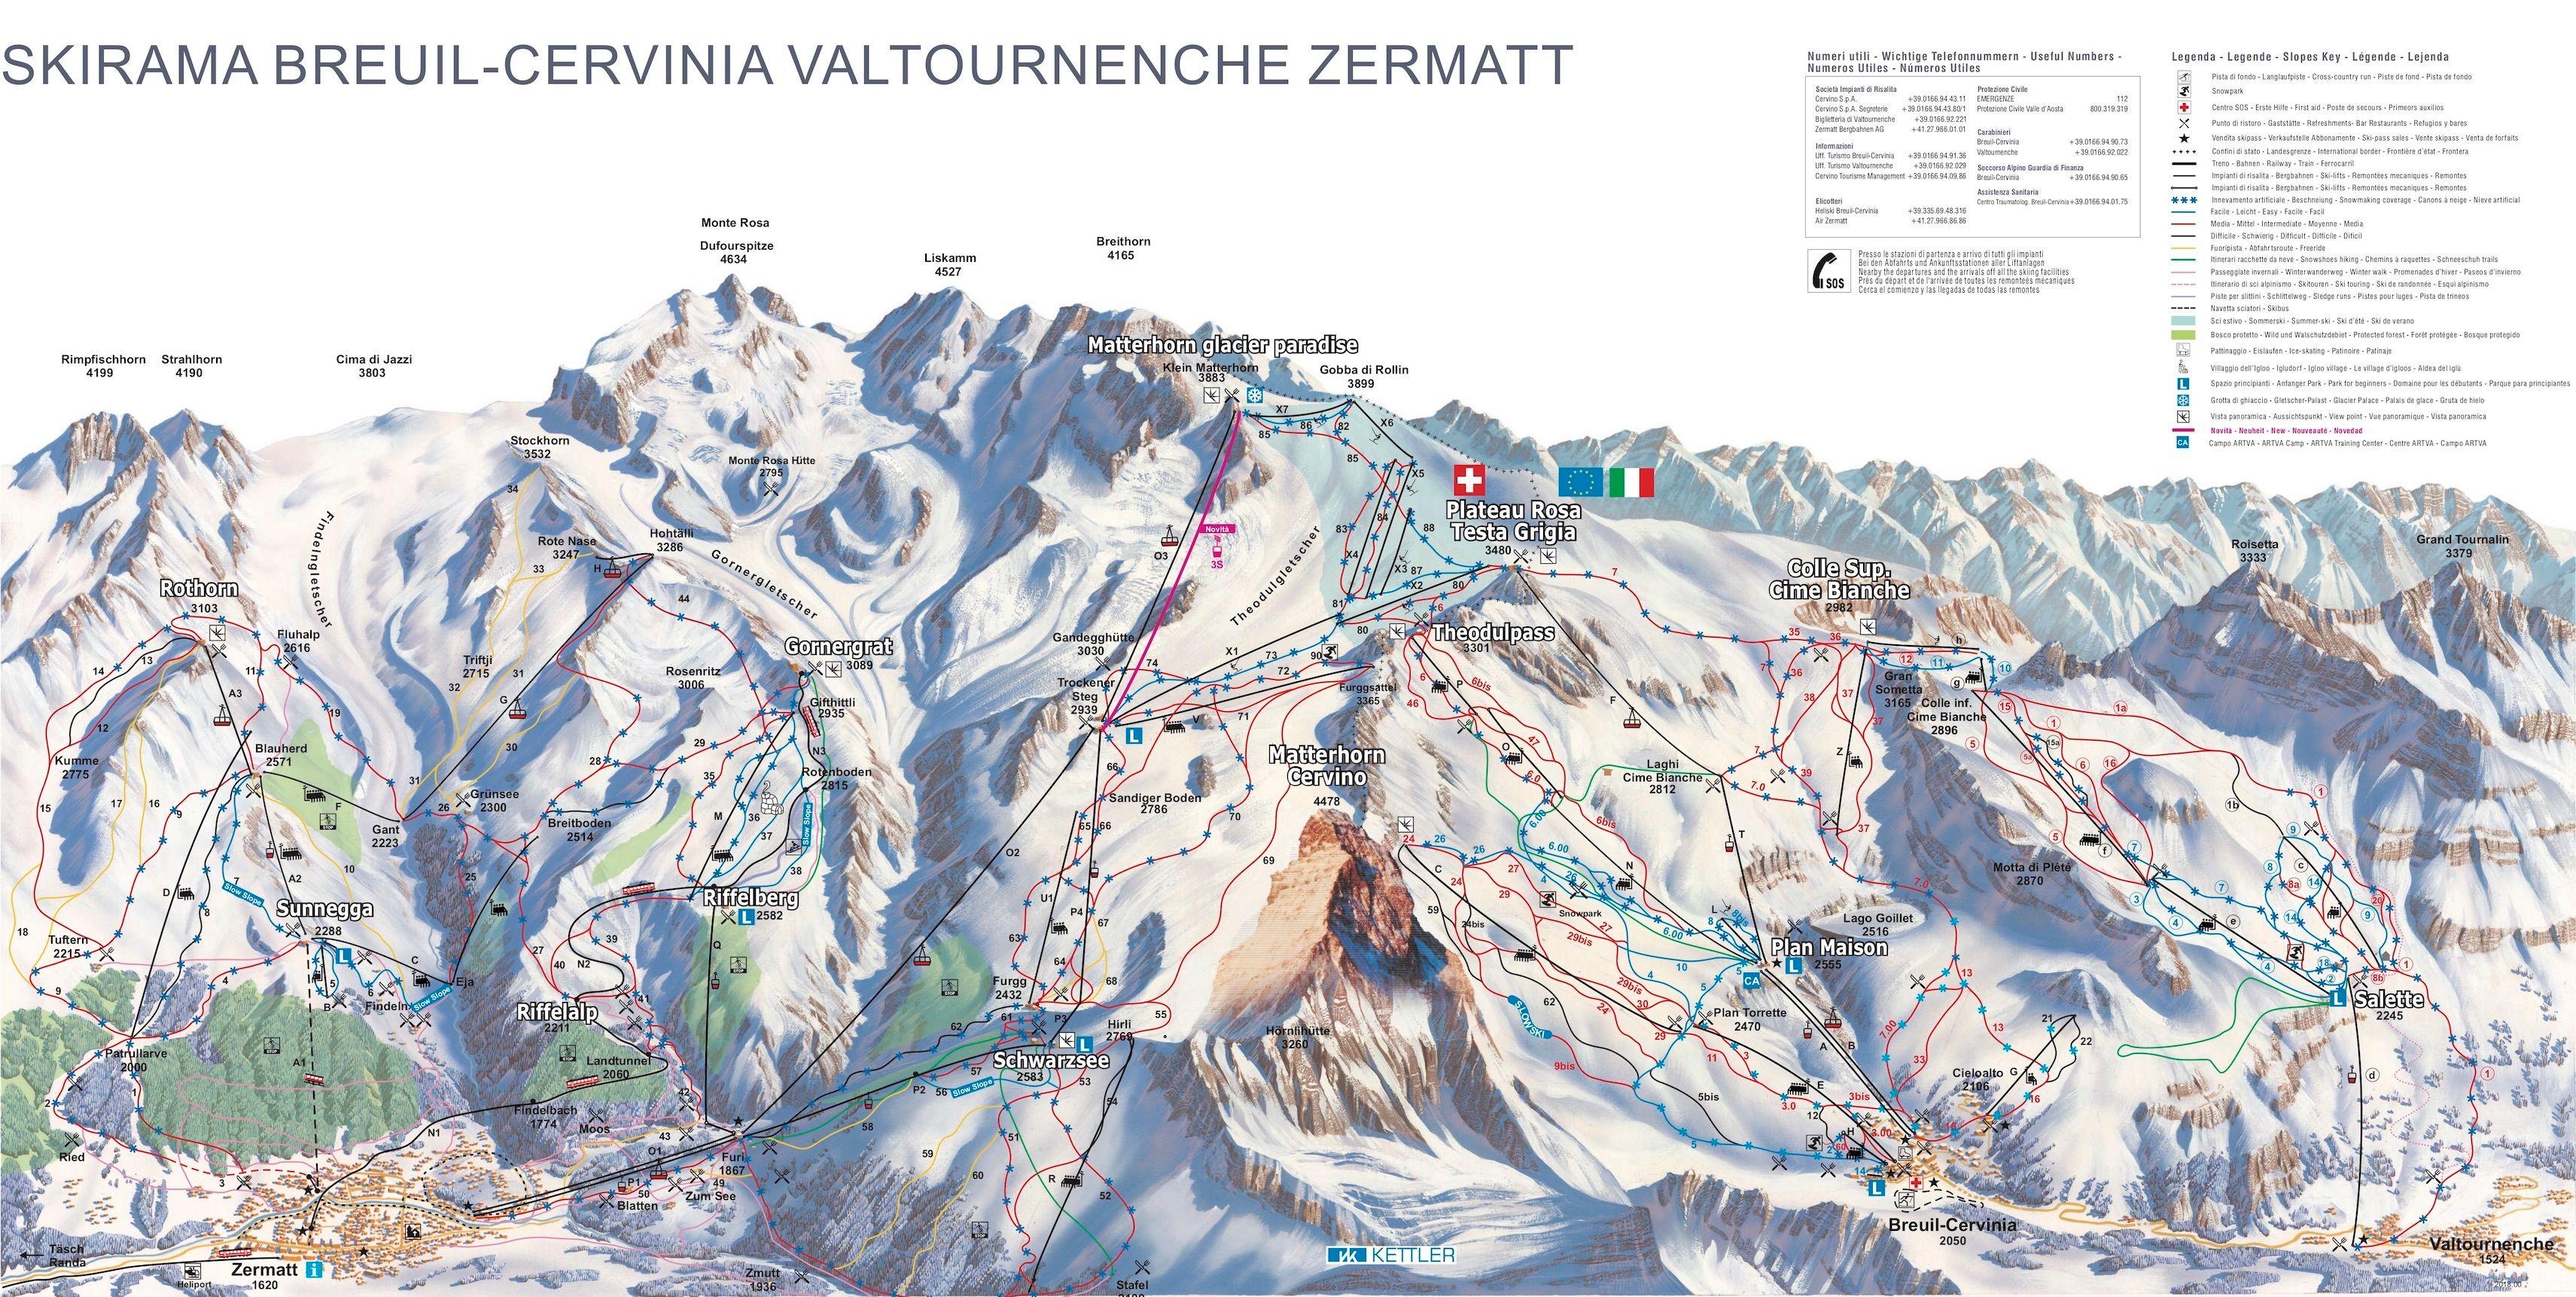 Zermatt - Breuil Cervinia (2018-2019)